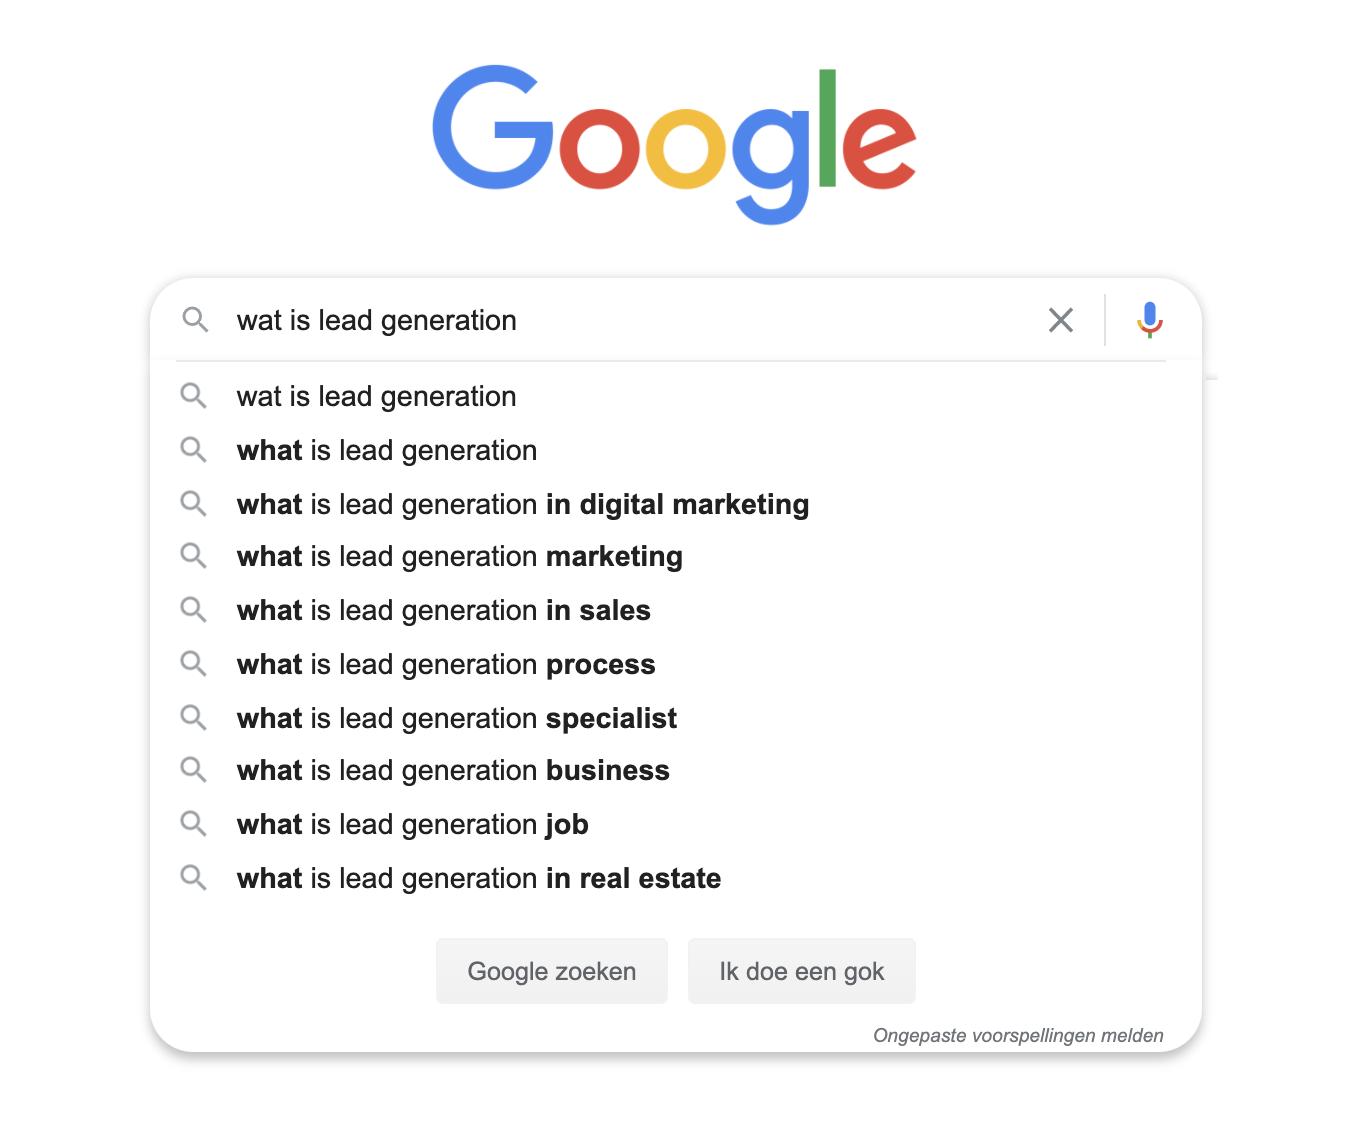 lead generation google zoekresultaten